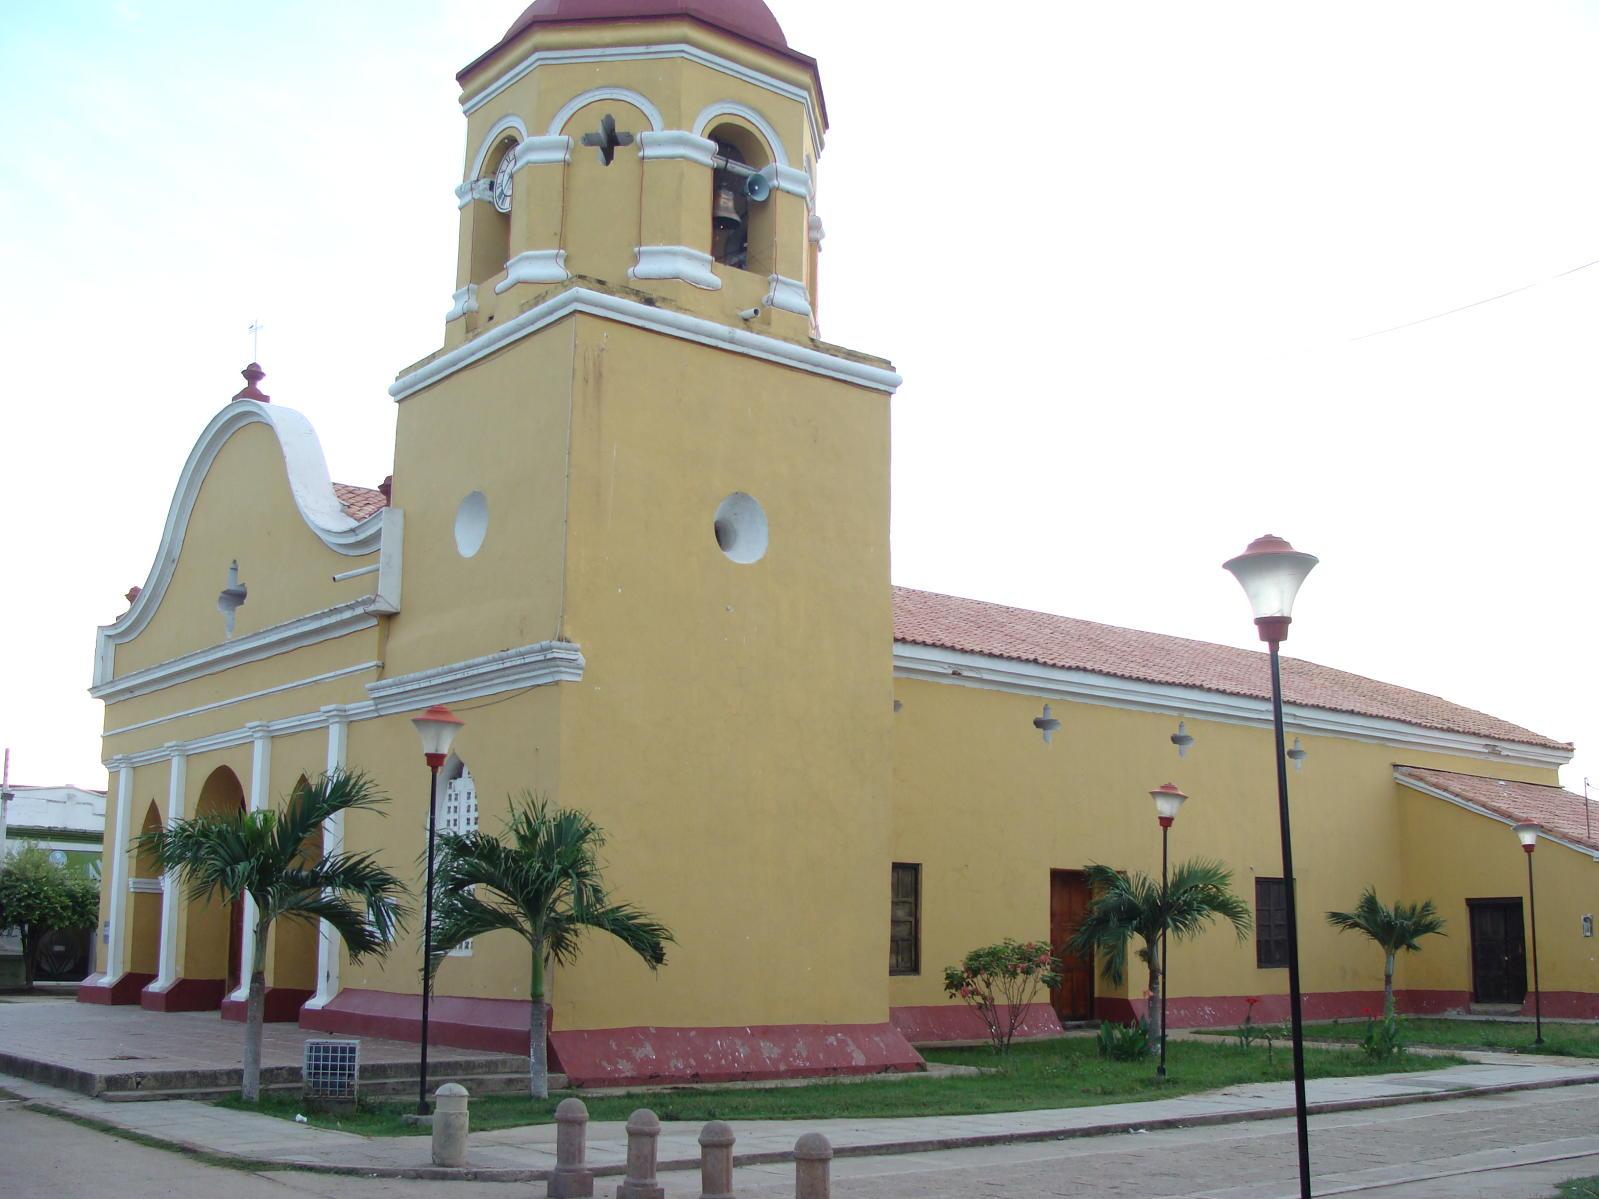 Comunidades de Micoahumado (sur de Bolívar) de nuevo en medio de la guerra - morales-bolivar